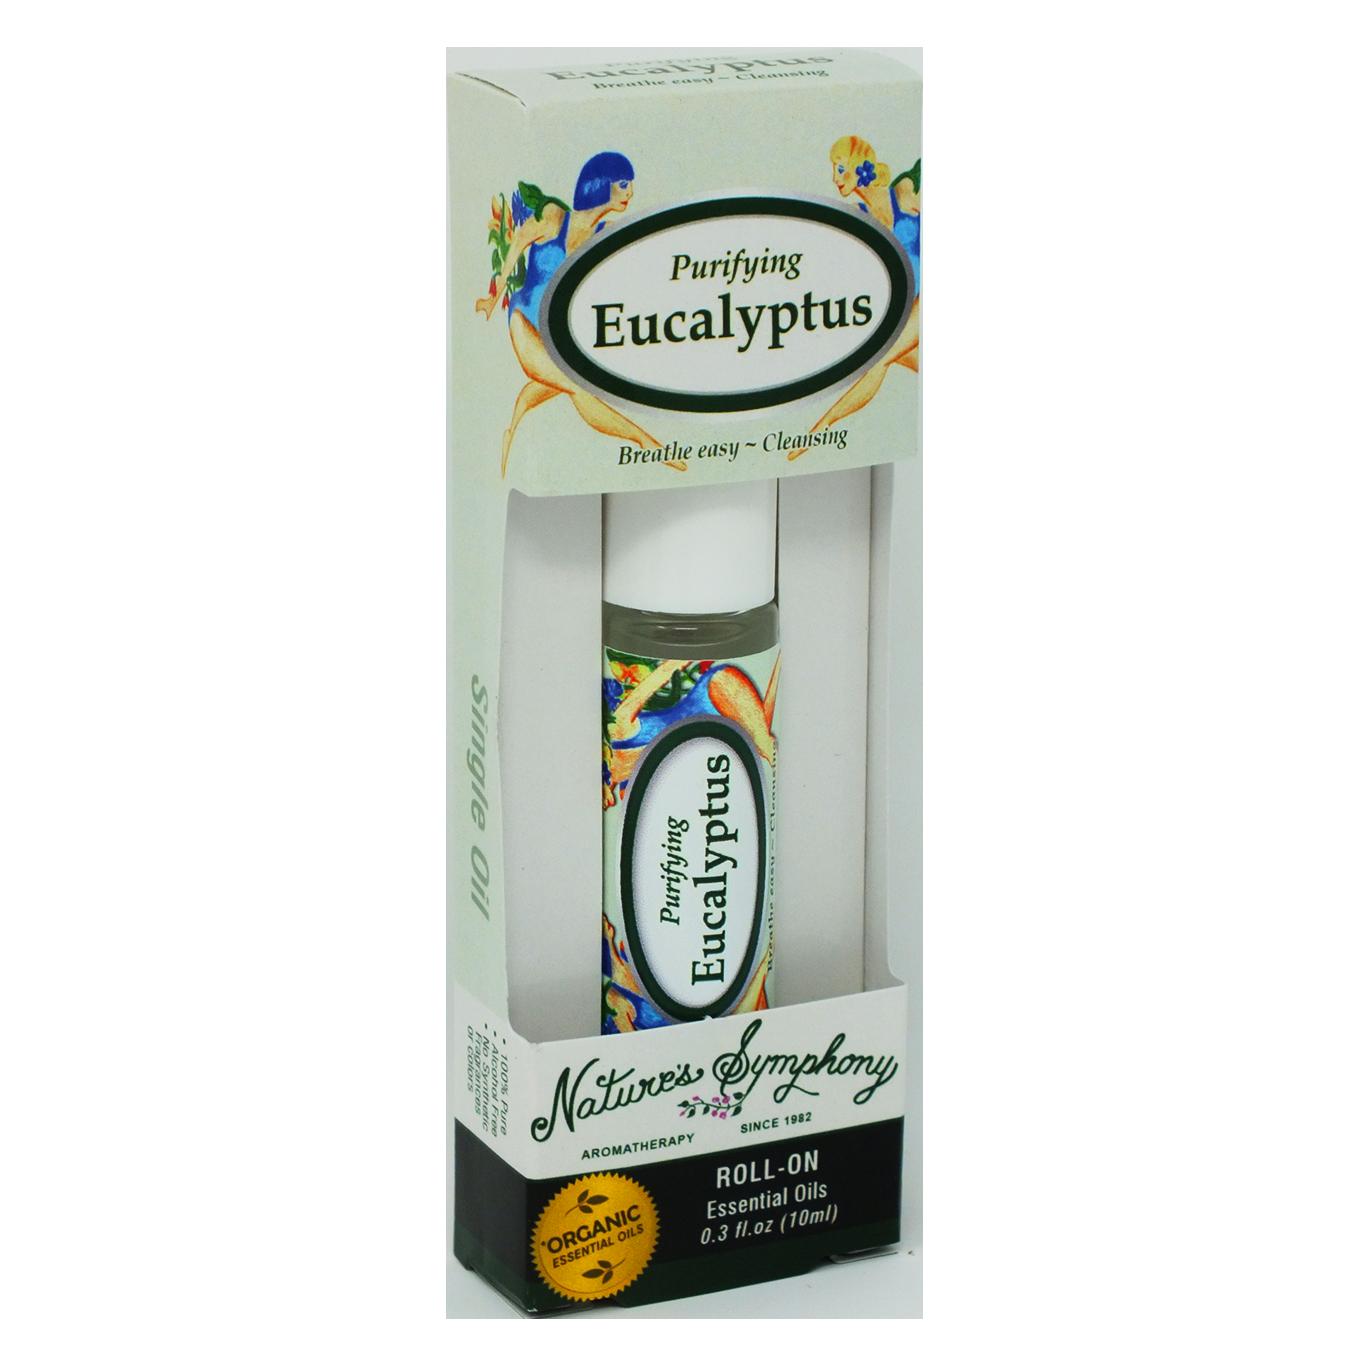 Purifying Eucalyptus, Roller Ball, Blend Organic/Wildcraft - 10ml